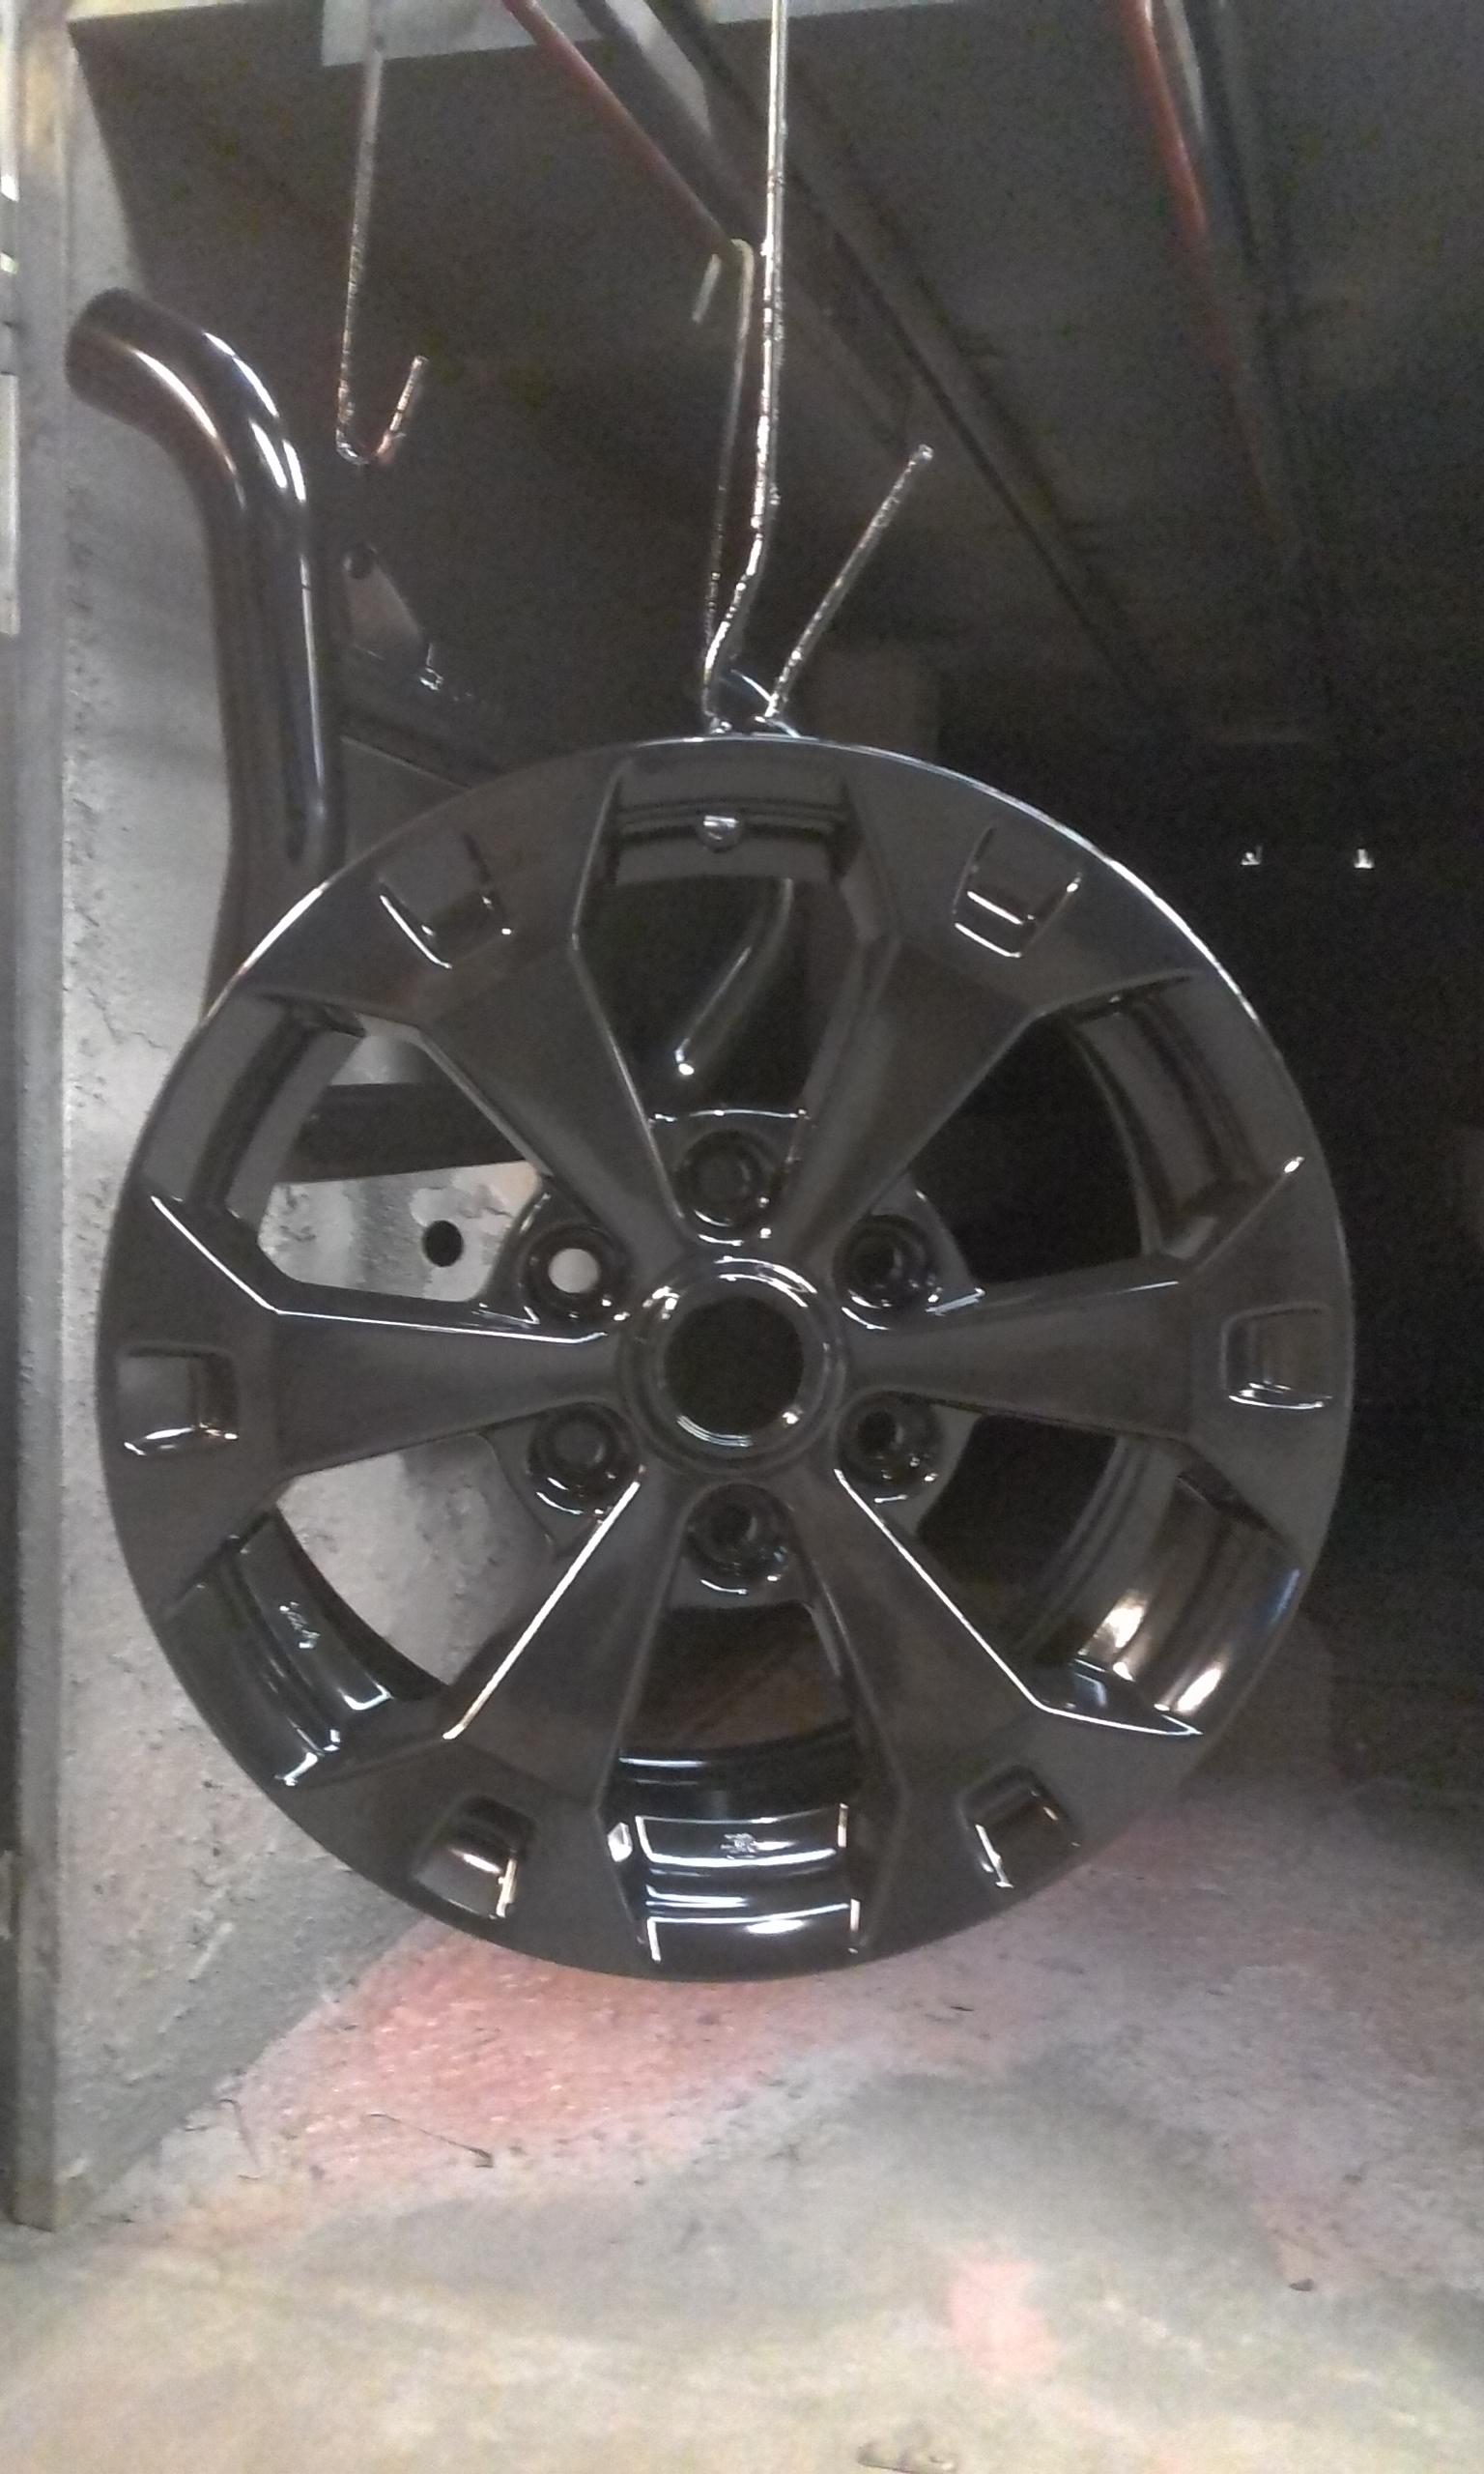 Powder coating - Satin black dbr cure - Triton wheels